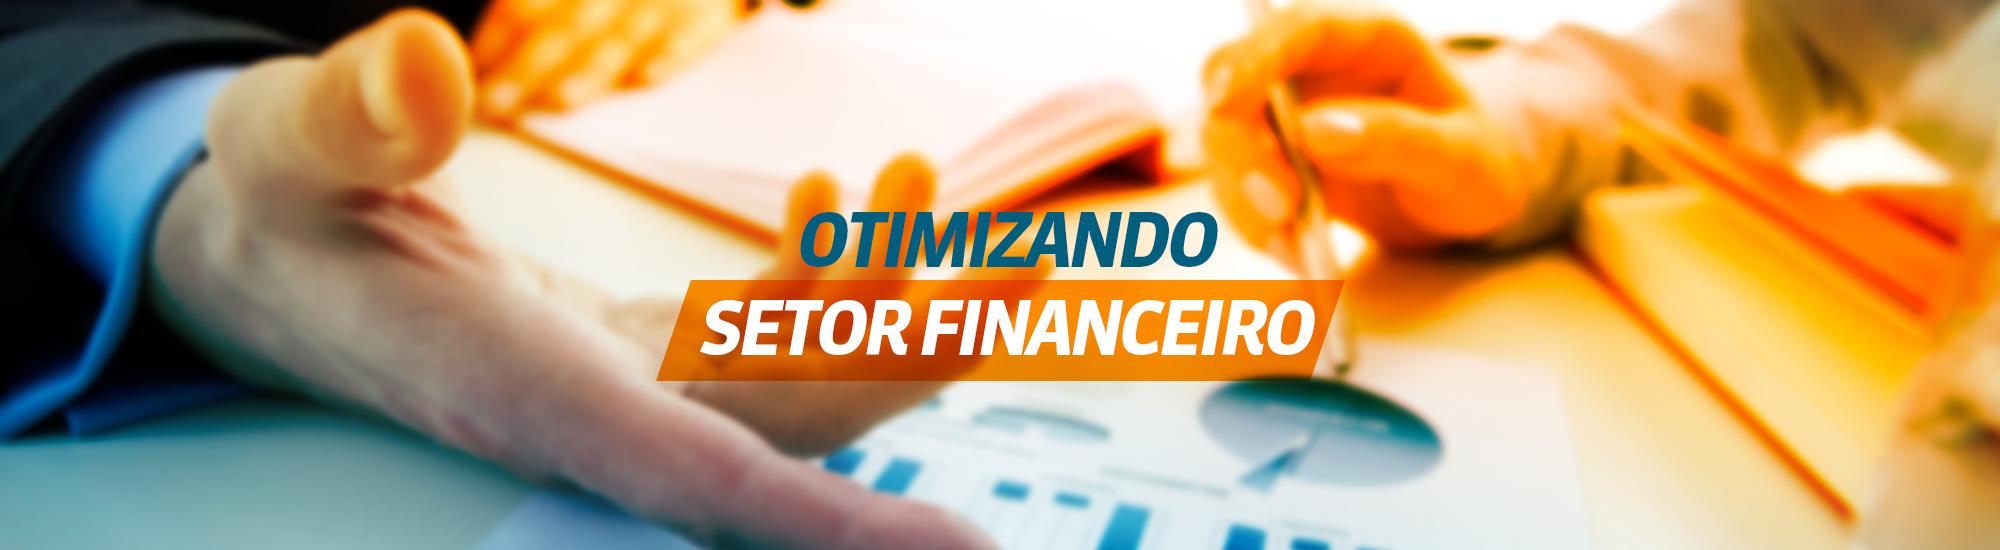 4_BANNER-SITE setor financeiro